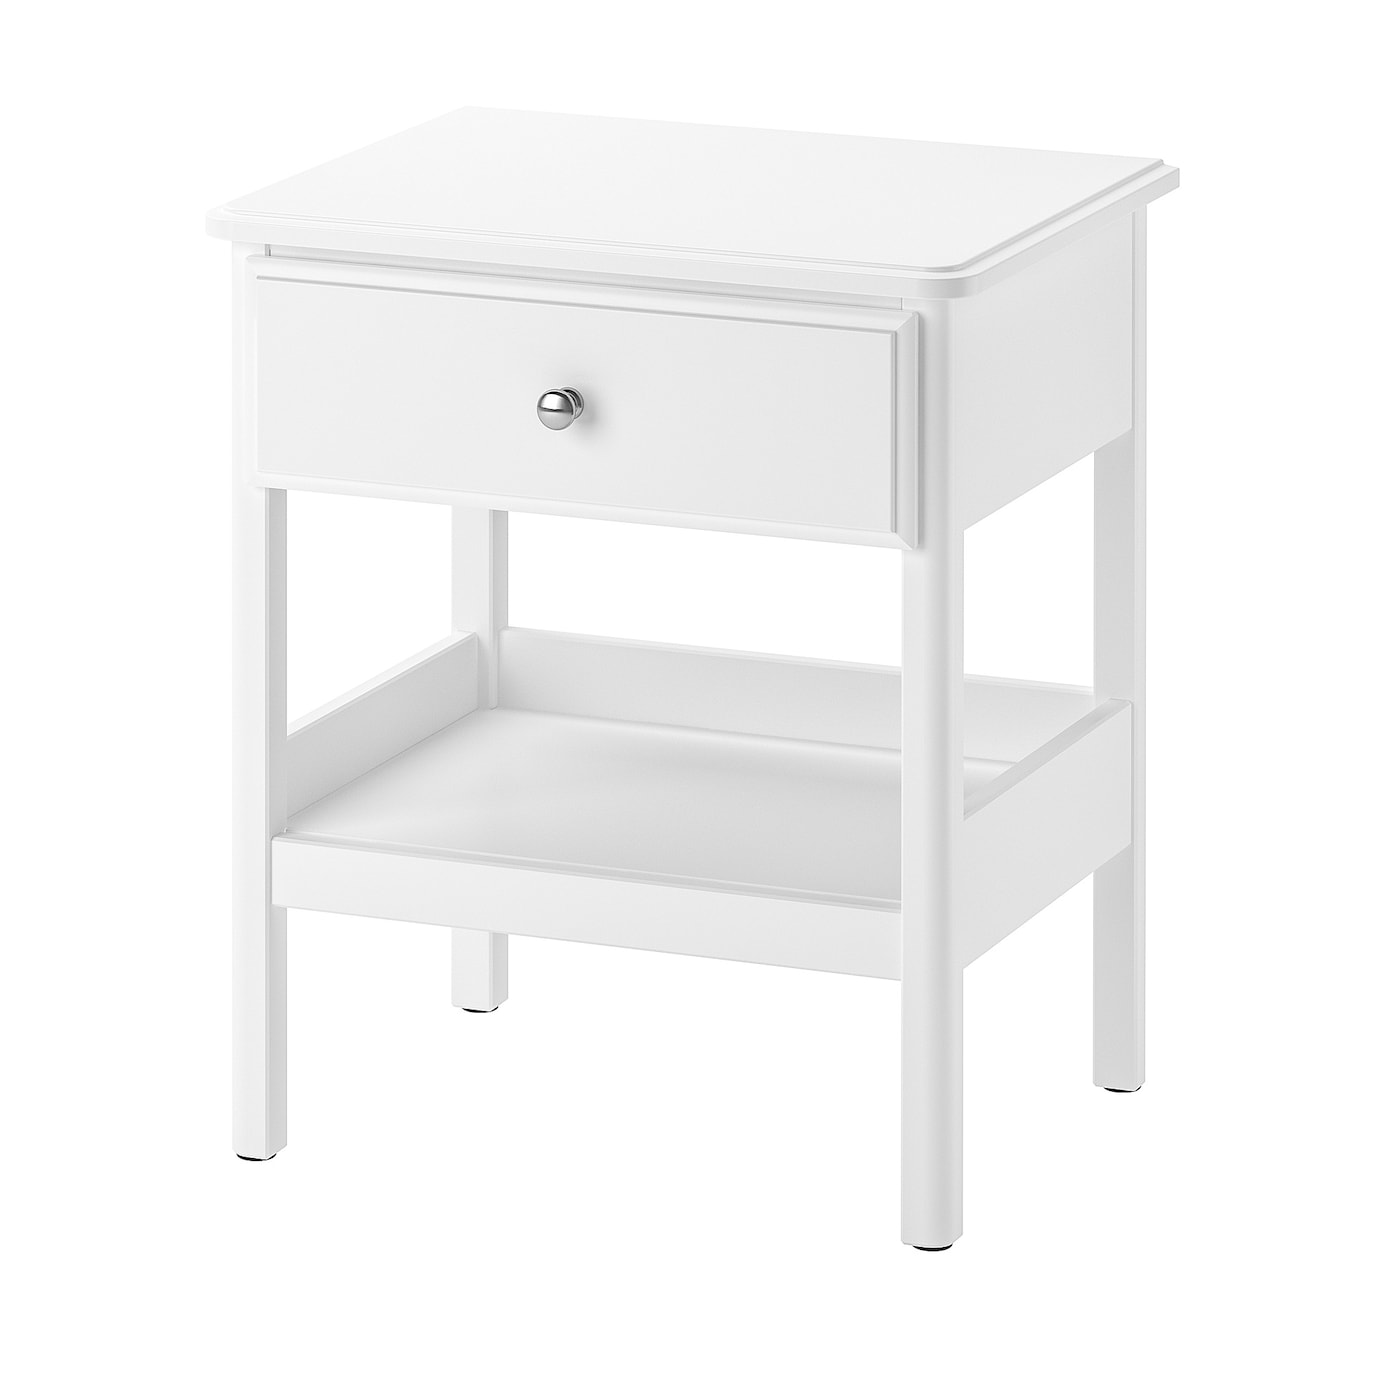 TYSSEDAL Ablagetisch - weiß - IKEA Schweiz